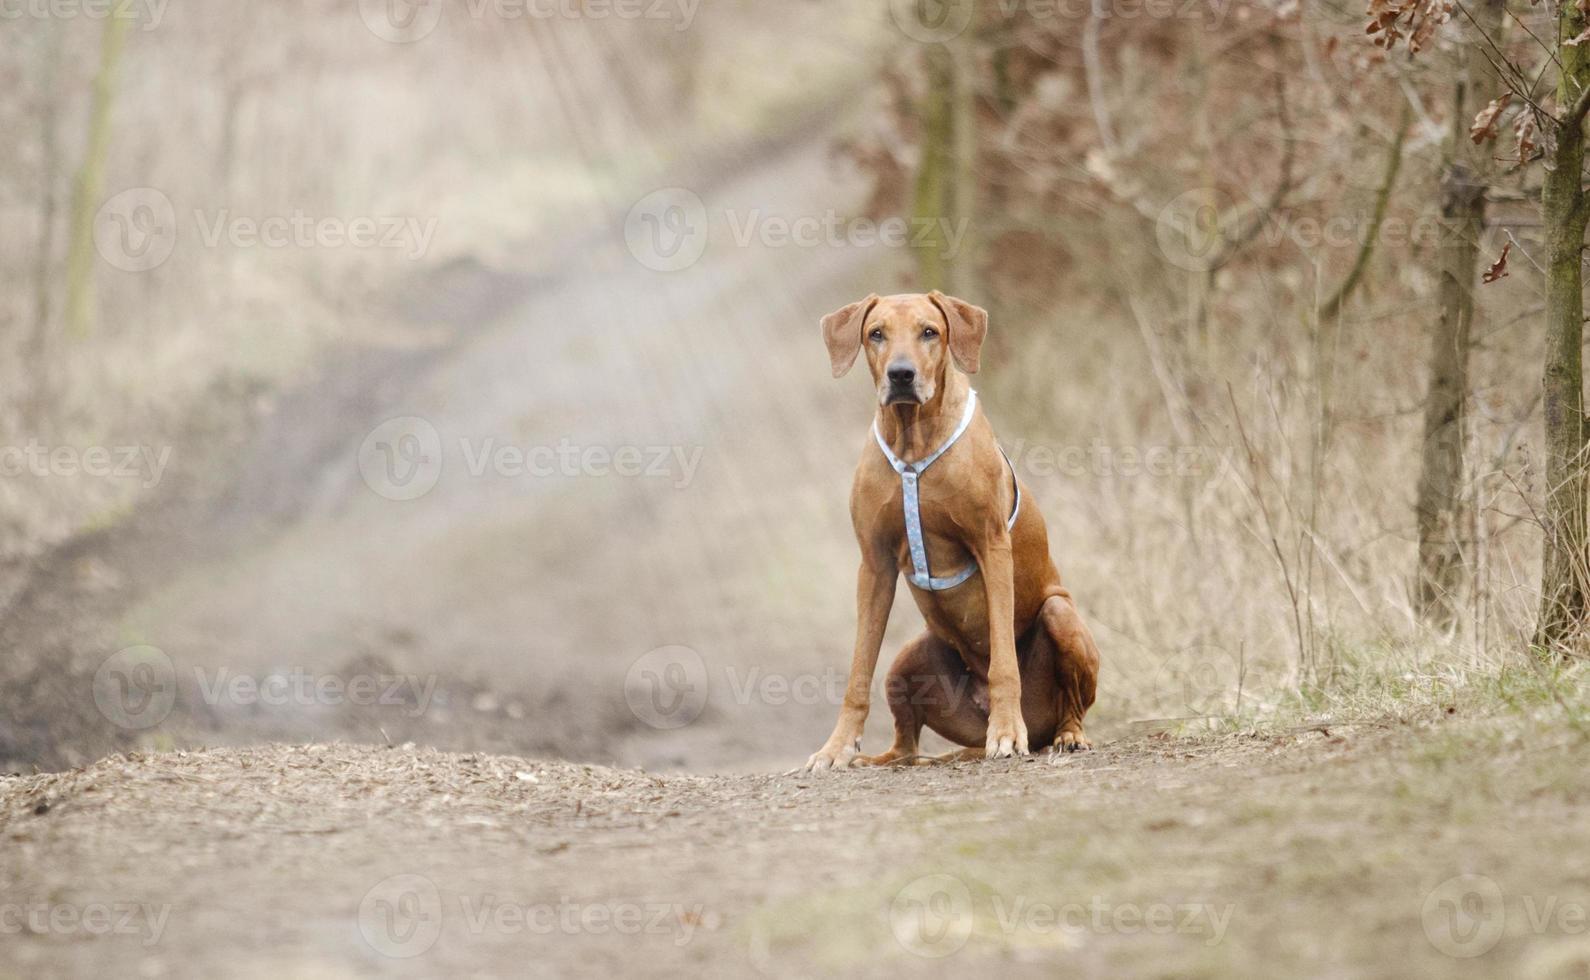 Cachorro de perro ridgeback de Rodesia ansiedad sentado en el fondo de primavera foto